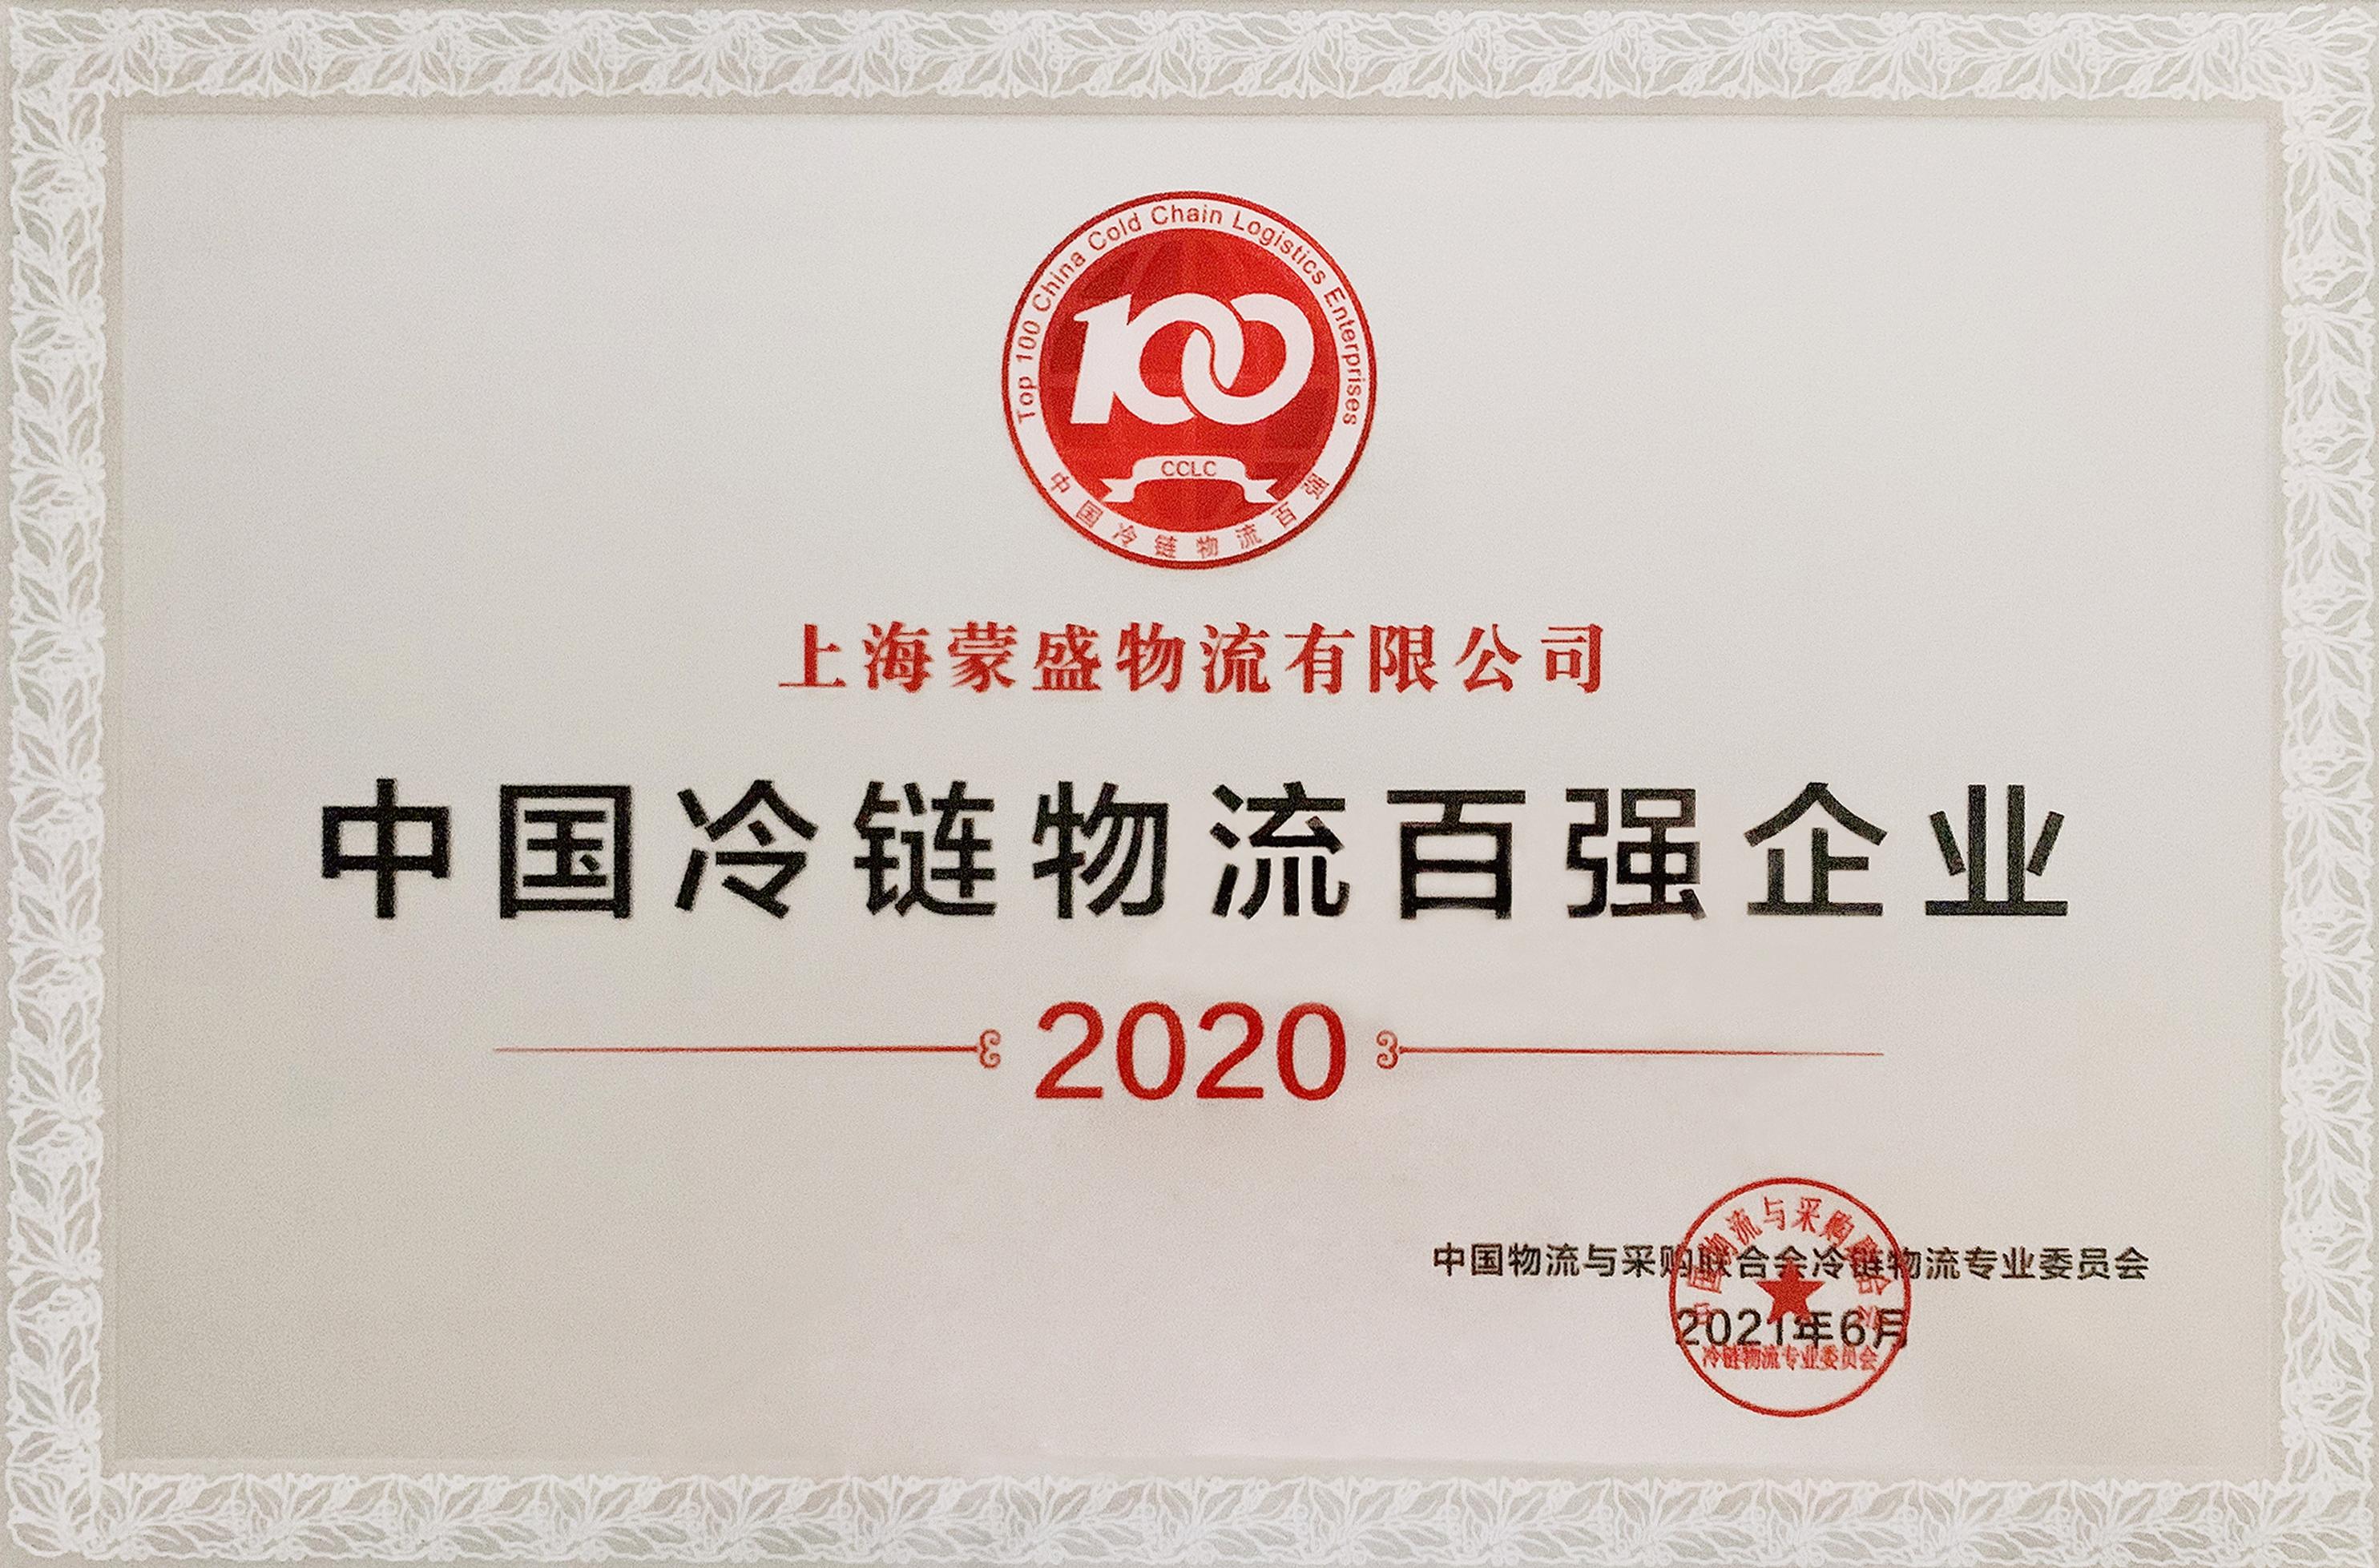 """蒙盛物流荣获""""2020年中国冷链物流百强企业""""称号"""